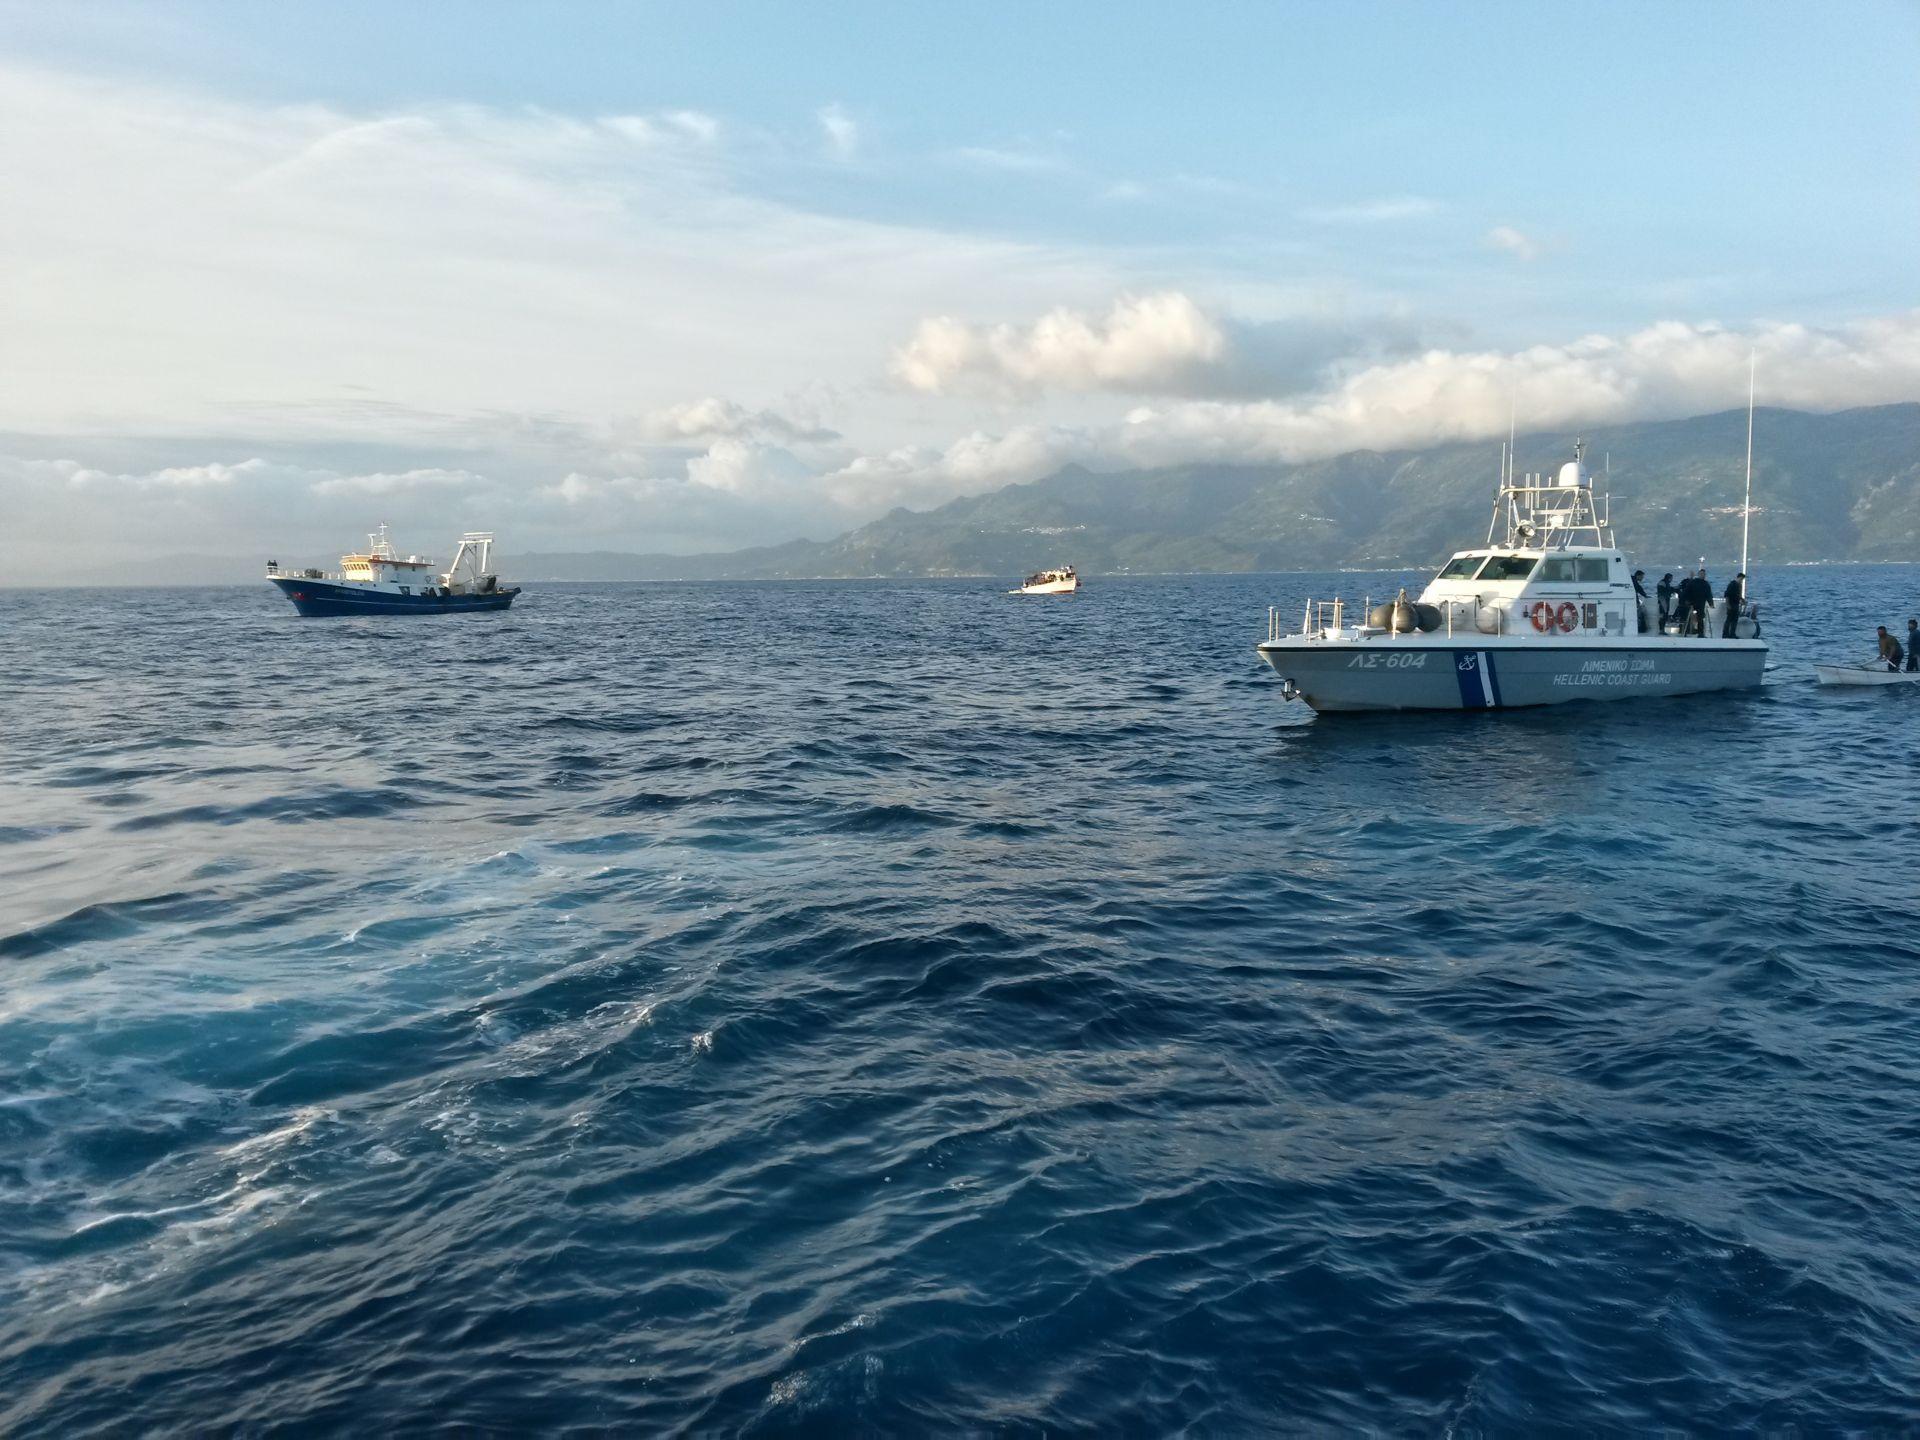 Συναγερμός για θαλαμηγό που άρχισε να βυθίζεται! 12 άνθρωποι βρέθηκαν στη θάλασσα βόρεια της Ίου